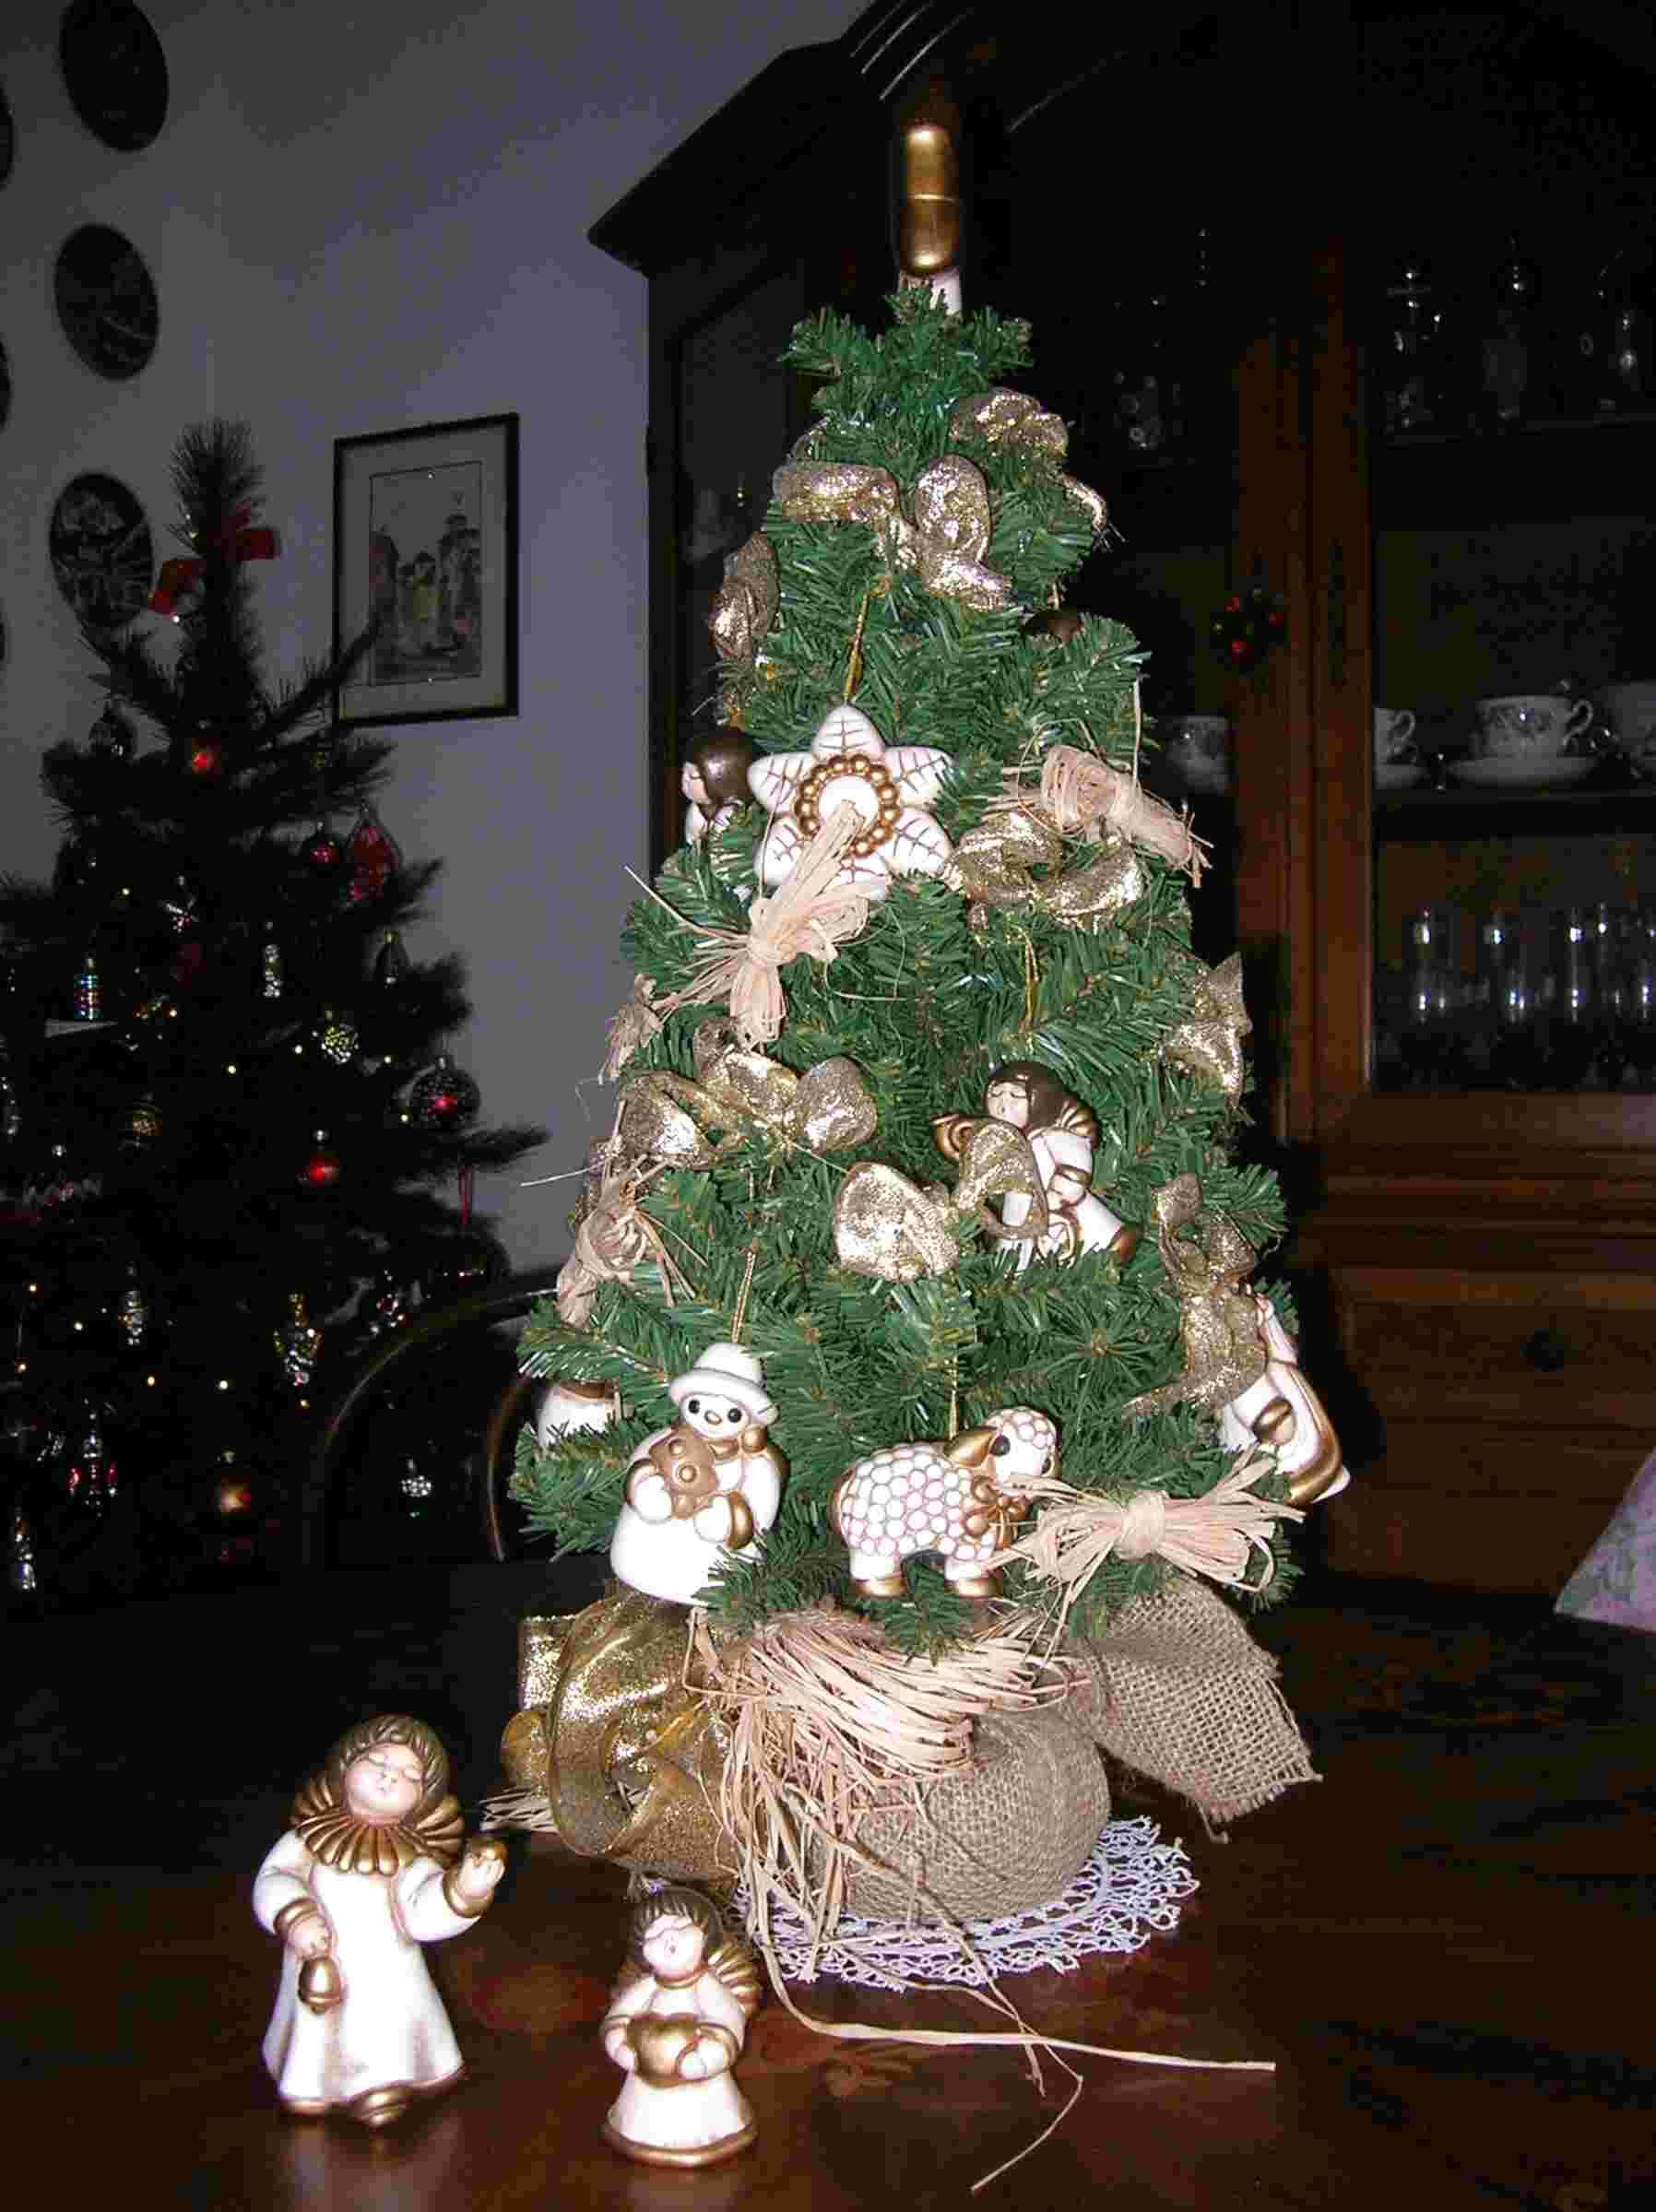 Albero Di Natale Thun Prezzo.Puntale Con Angelo Altezza 15 Cm Thun Natale Punta Libertadexpresionchile Uchile Cl